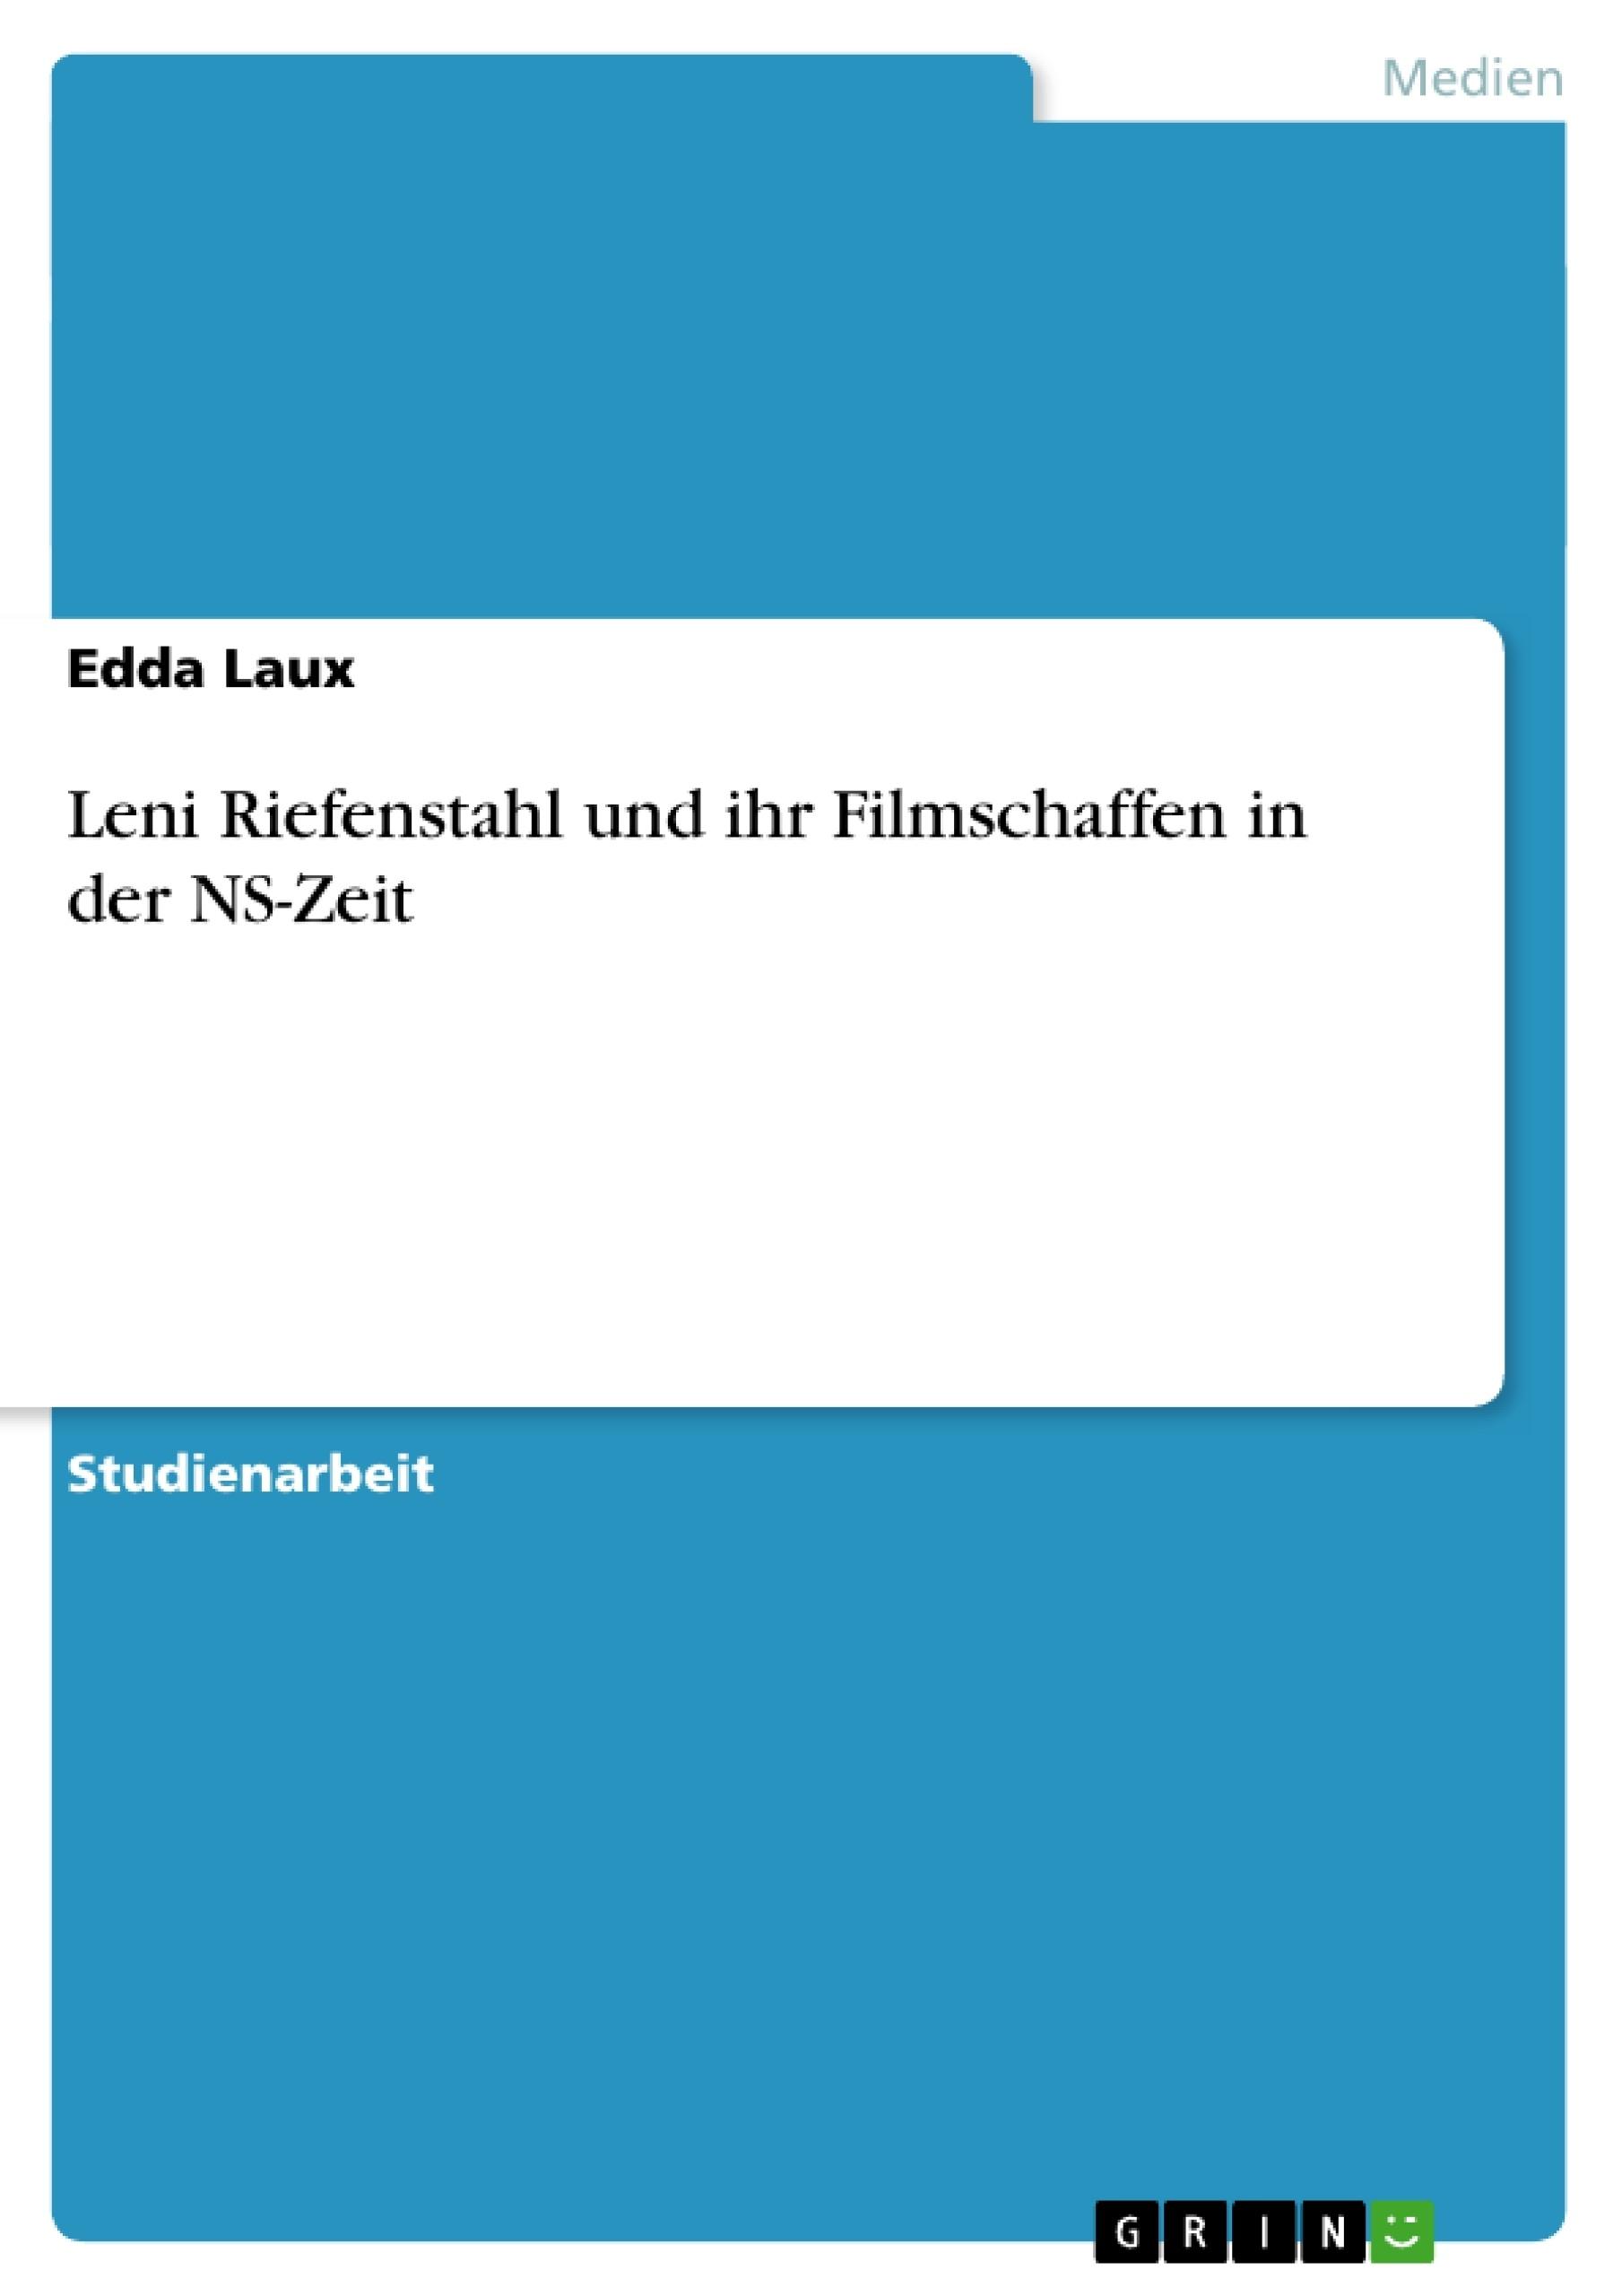 Titel: Leni Riefenstahl und ihr Filmschaffen in der NS-Zeit